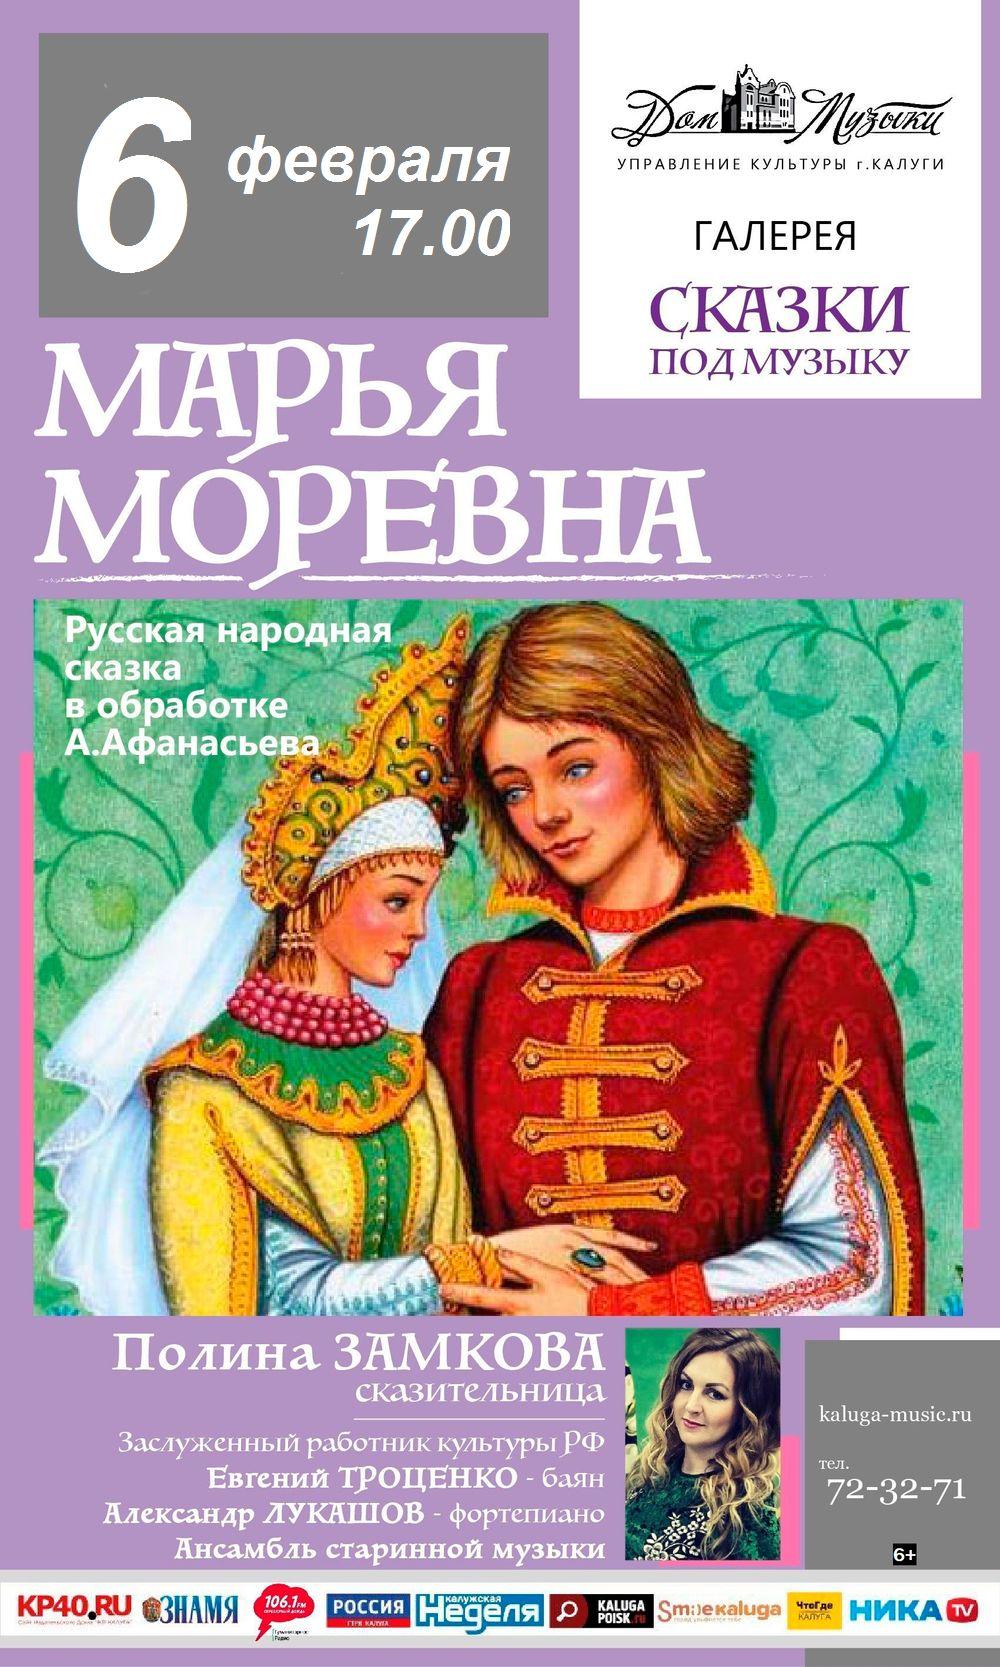 Сказки под музыку. «Марья Моревна». Дом музыки